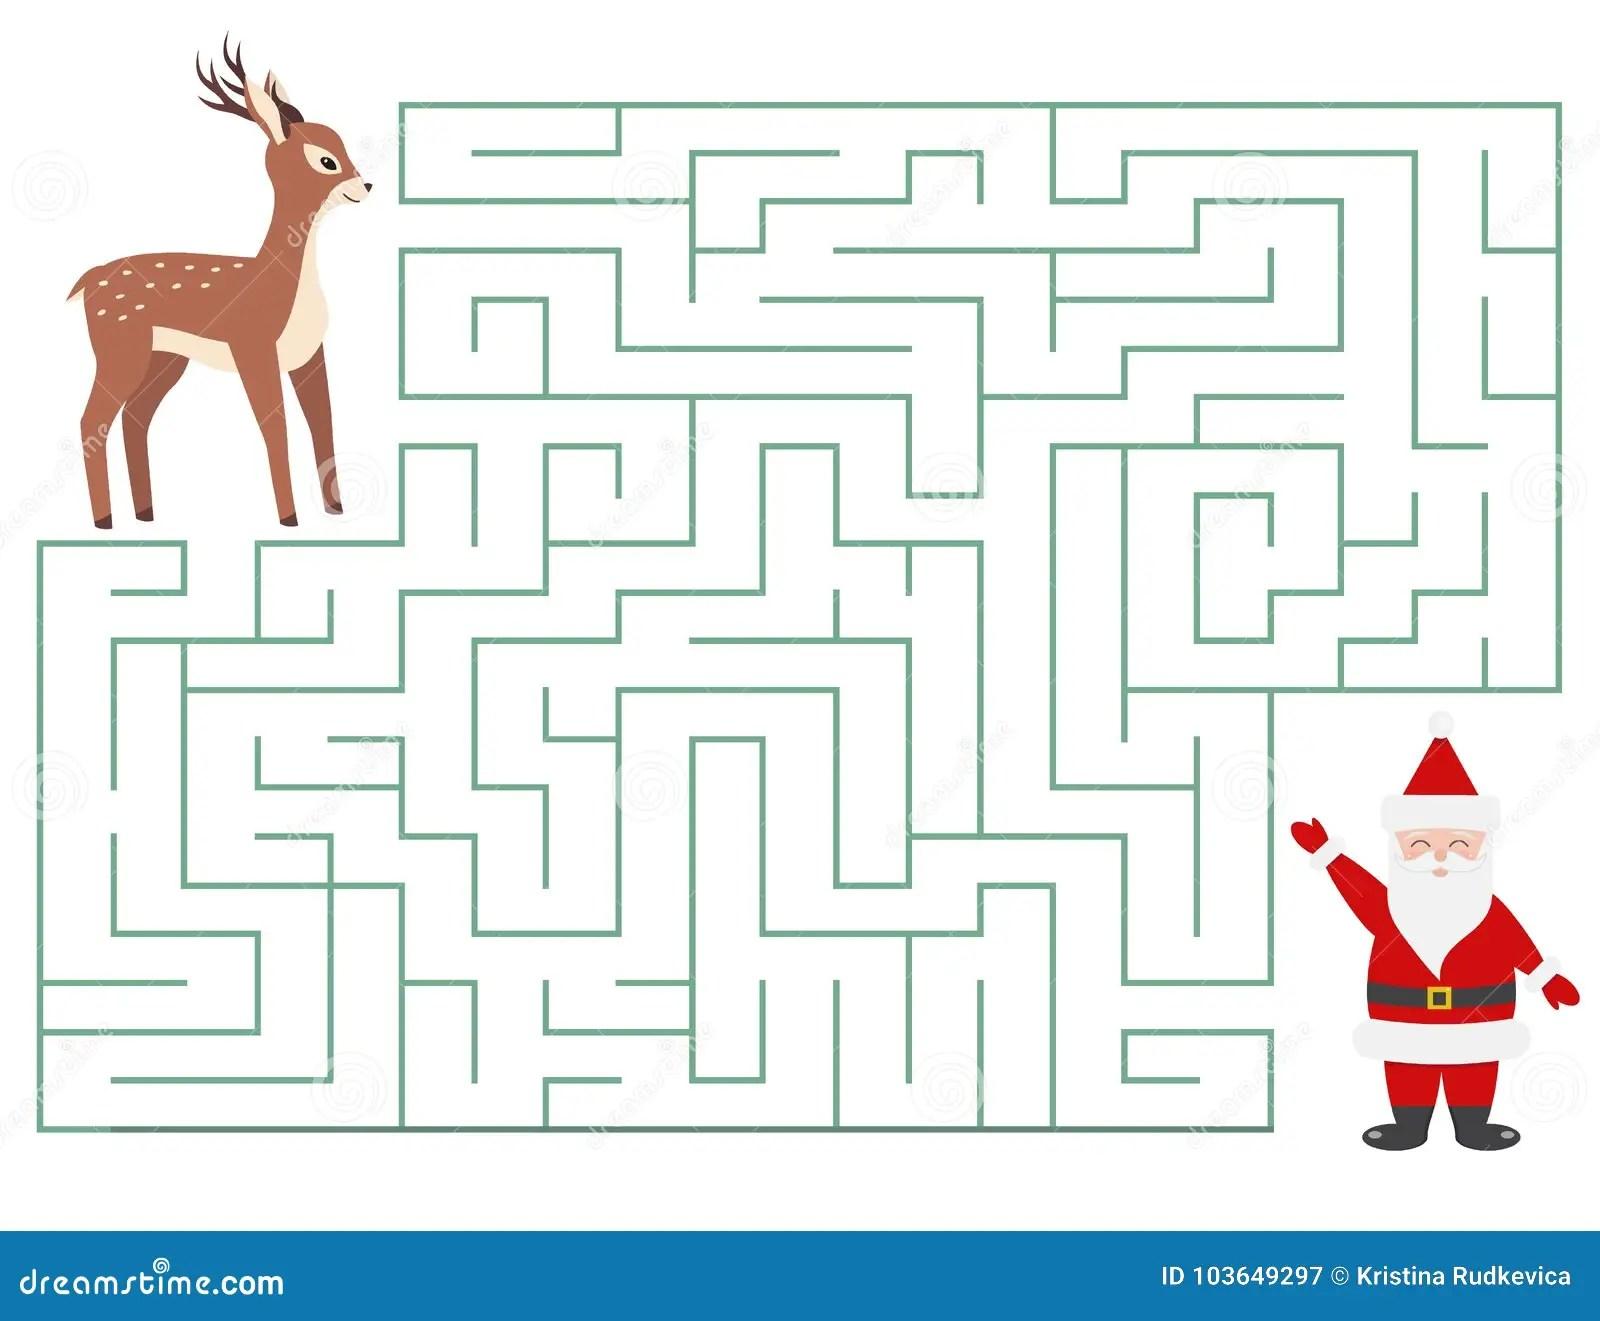 Labirinto Divertente Di Natale Per I Bambini Illustrazione